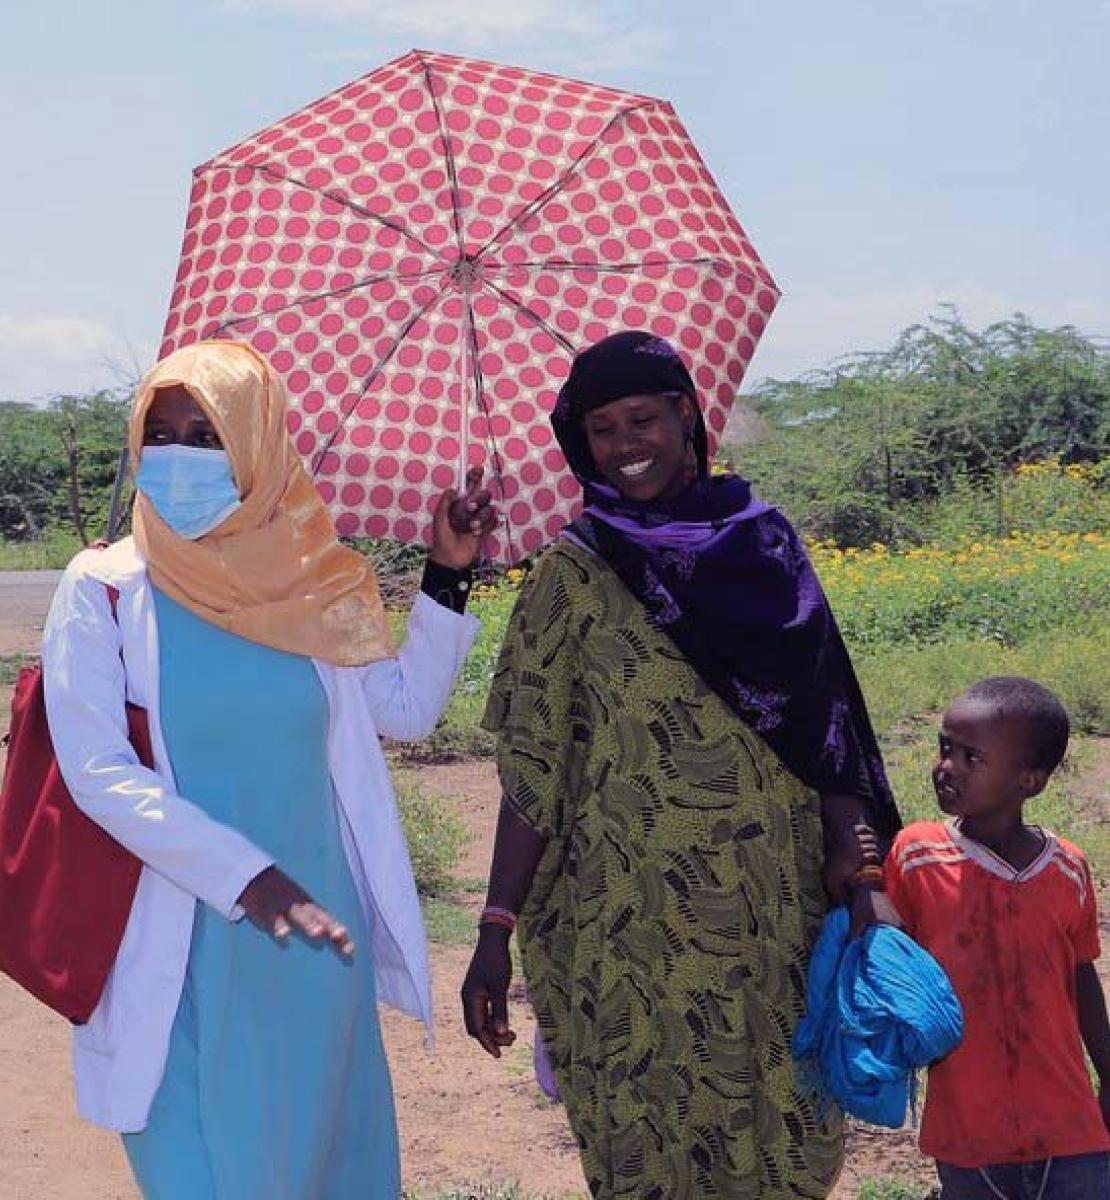 Une femme portant un masque de protection et tenant un parapluie marche sur un sentier de terre aux côtés d'une autre femme et de son jeune fils.